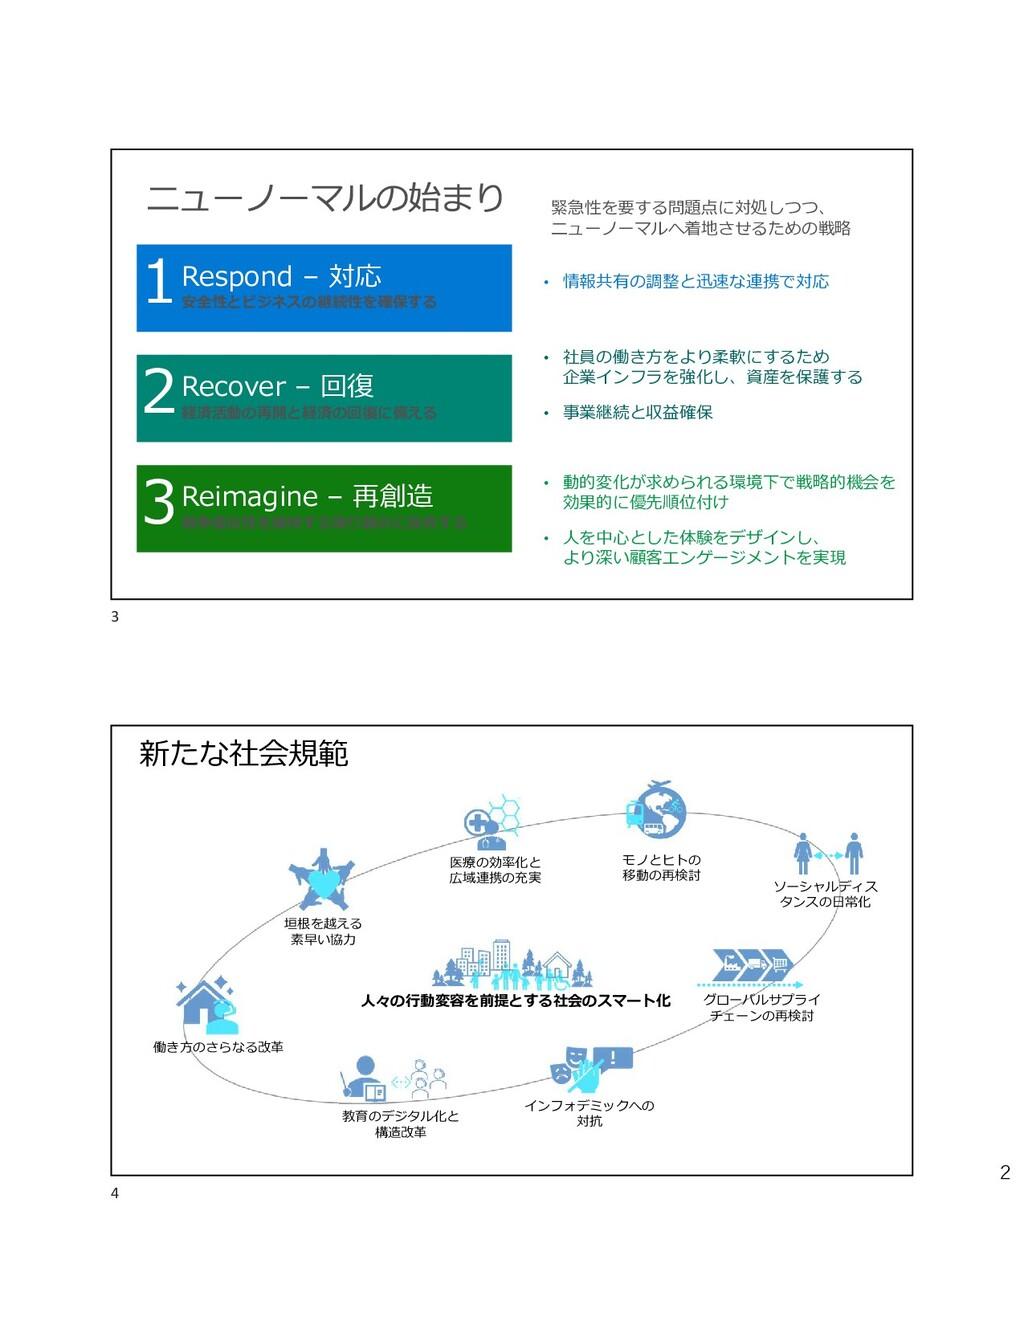 2 • 情報共有の調整と迅速な連携で対応 • 社員の働き方をより柔軟にするため 企業インフラを...